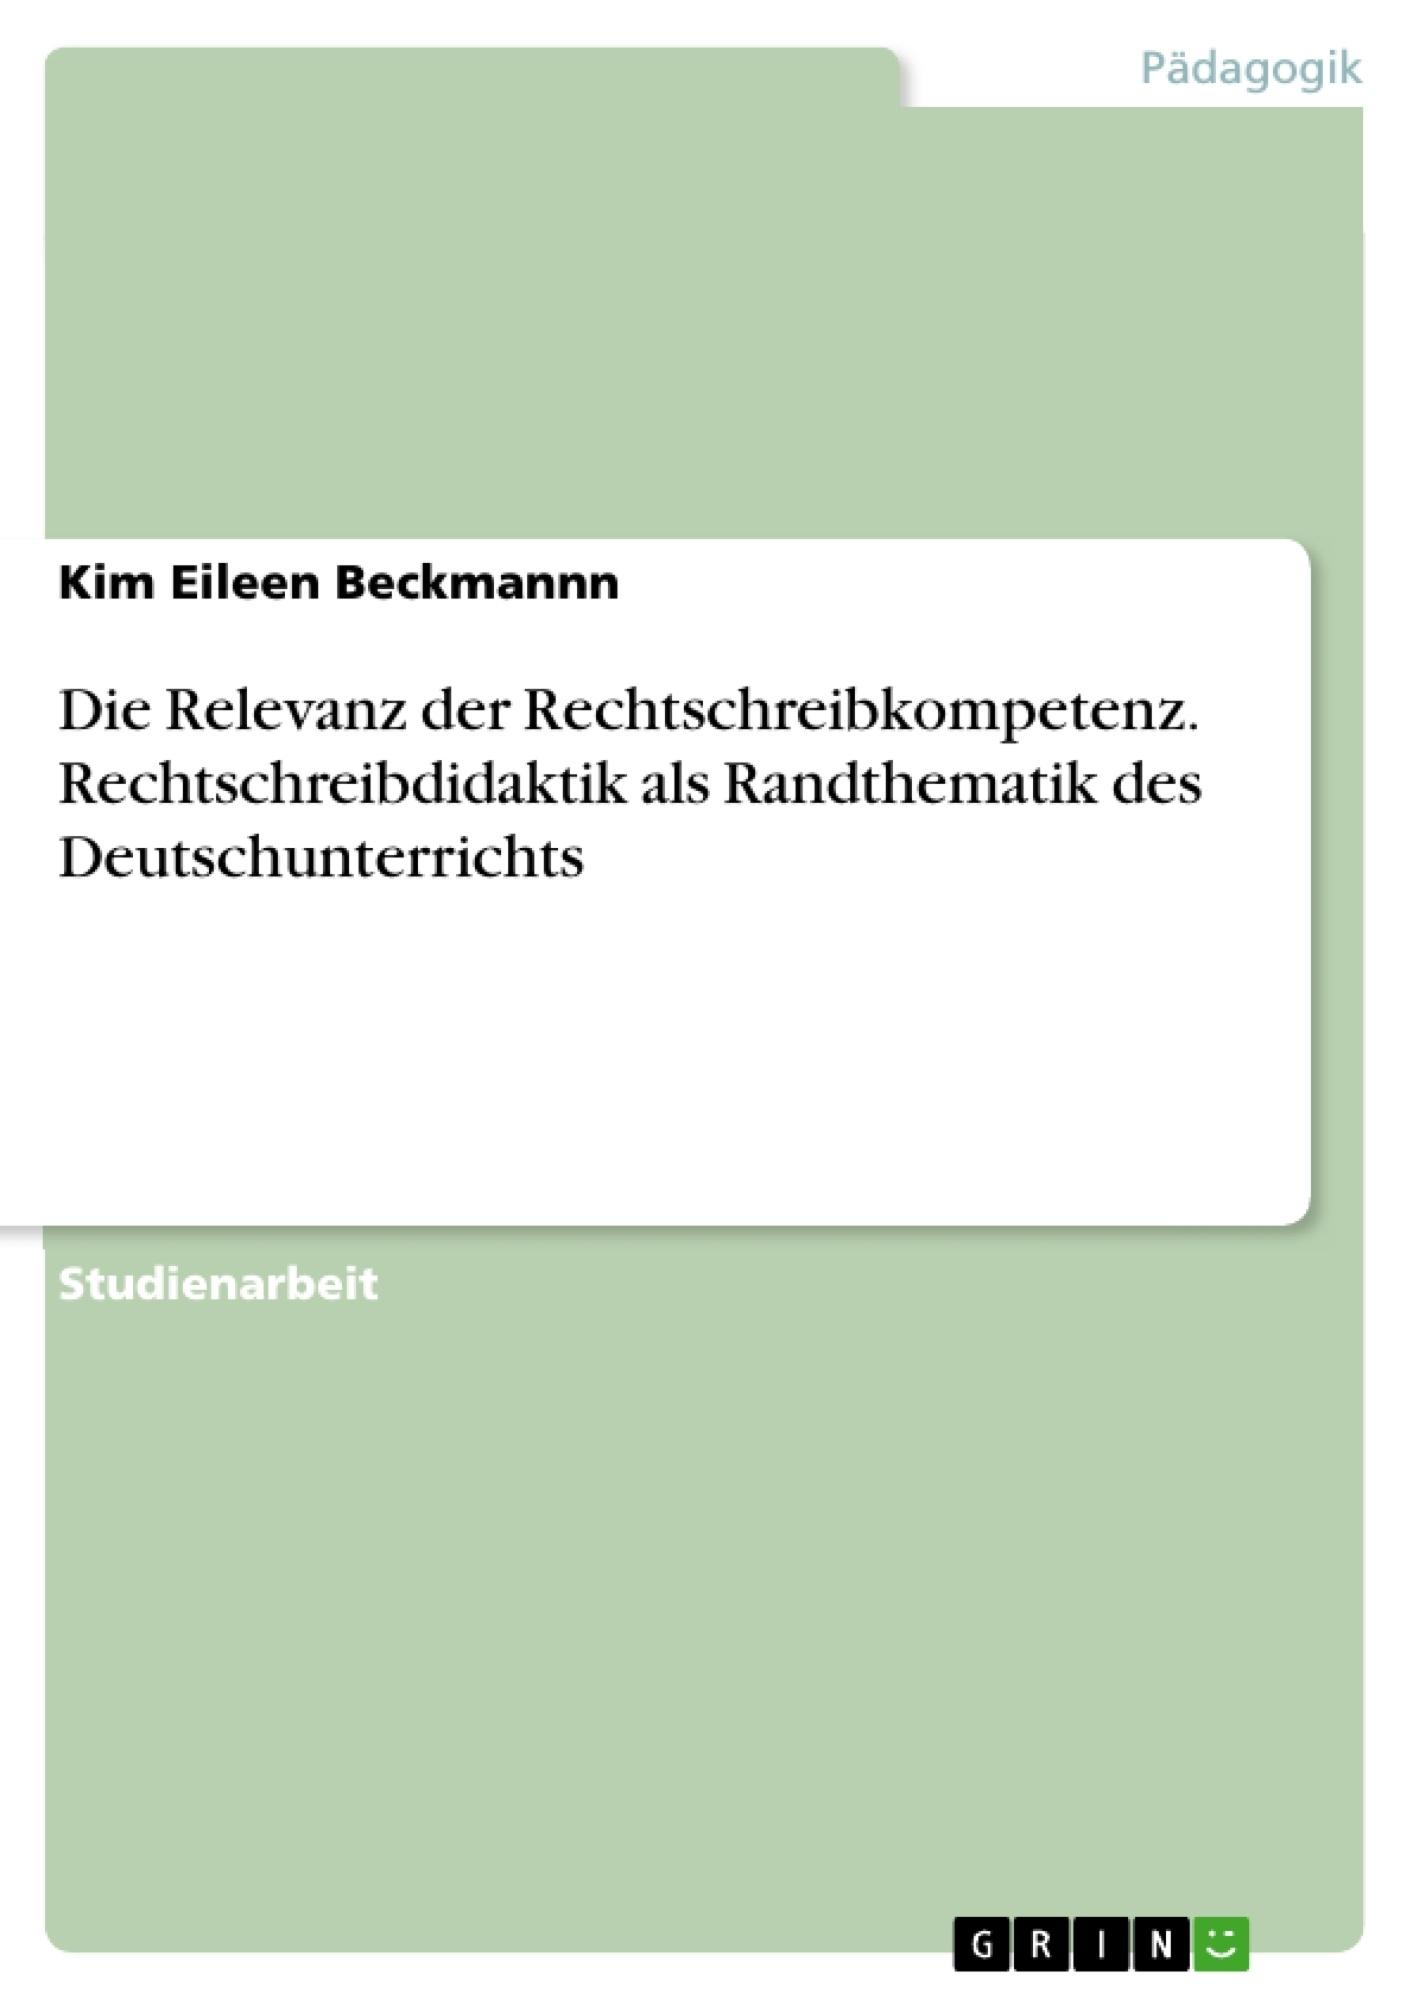 Titel: Die Relevanz der Rechtschreibkompetenz. Rechtschreibdidaktik als Randthematik des Deutschunterrichts